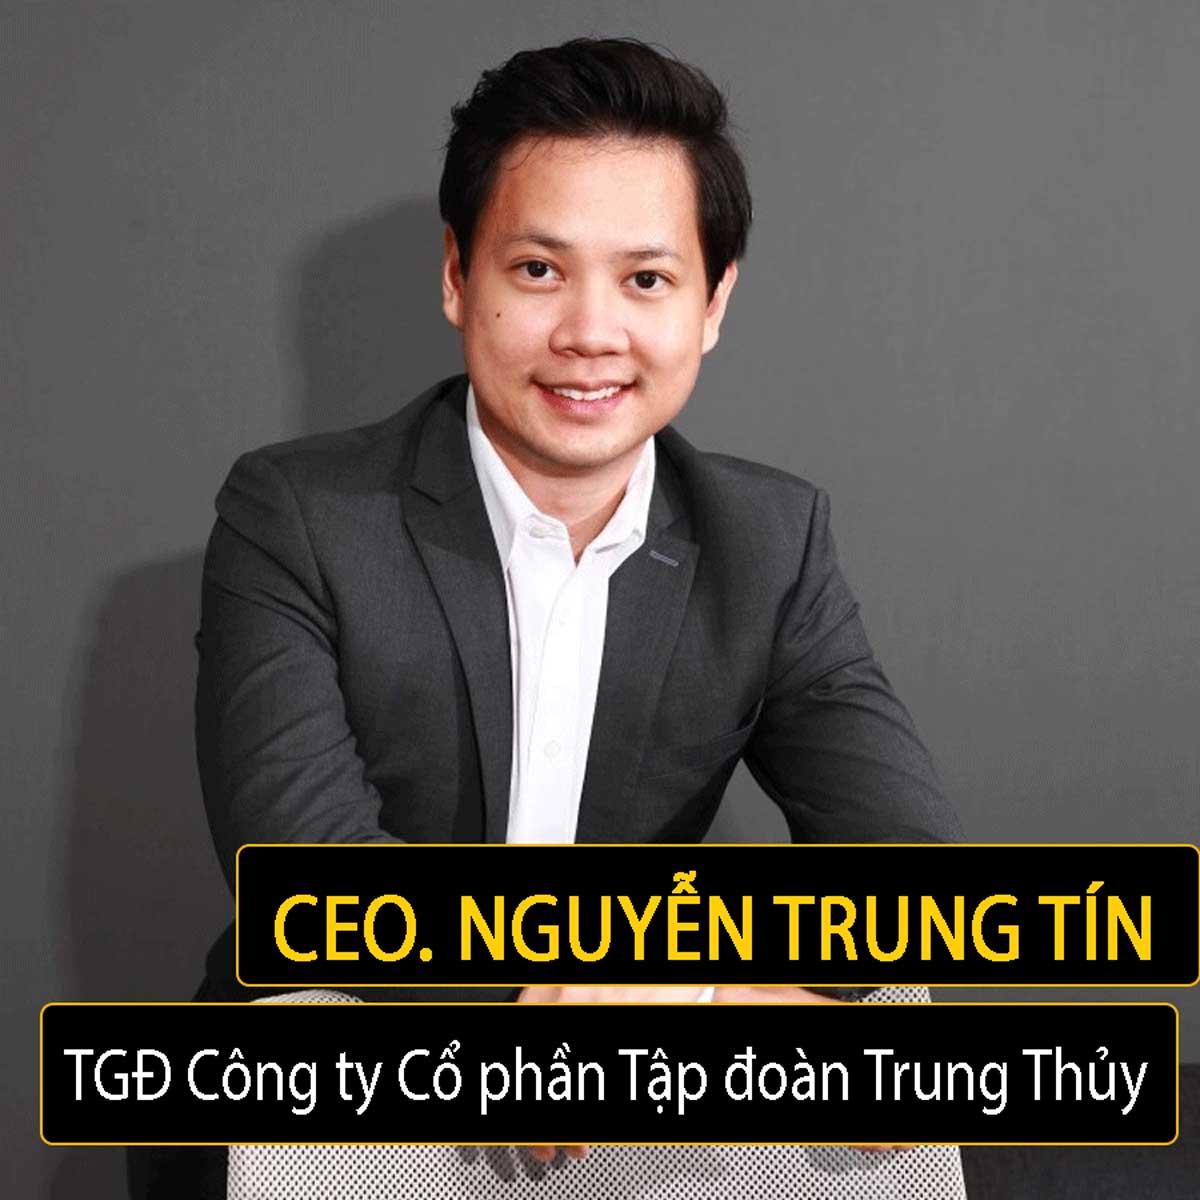 Doanh nhân Nguyễn Trung Tín tiểu sử đời sống